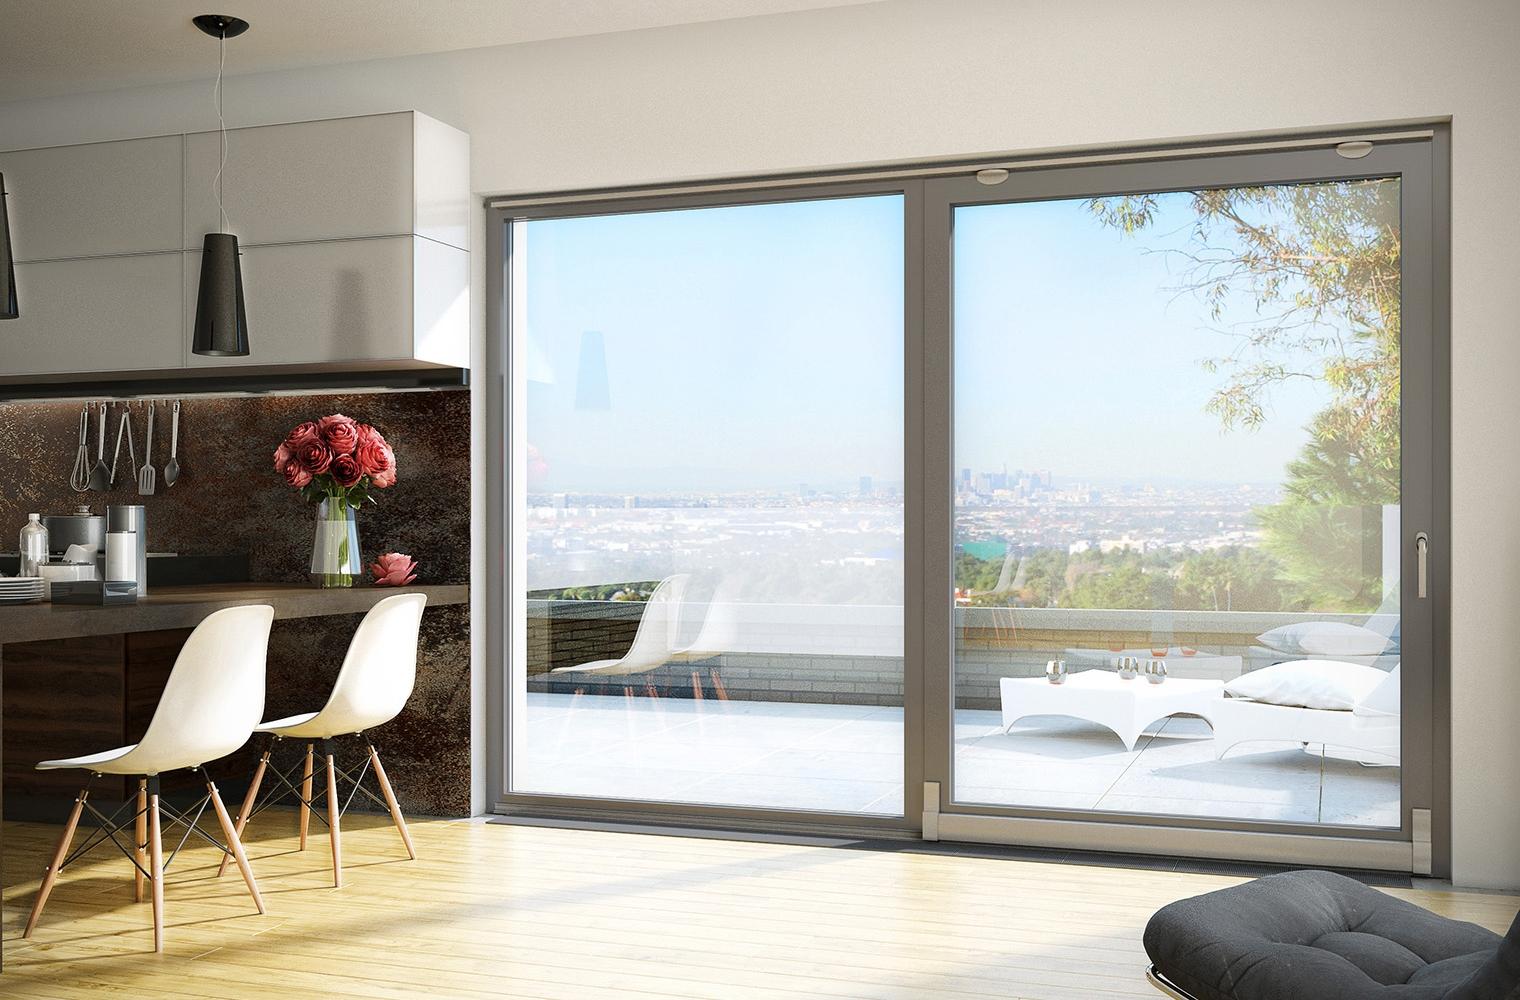 aluminium psk t ren zu g nstigen preisen kaufen. Black Bedroom Furniture Sets. Home Design Ideas